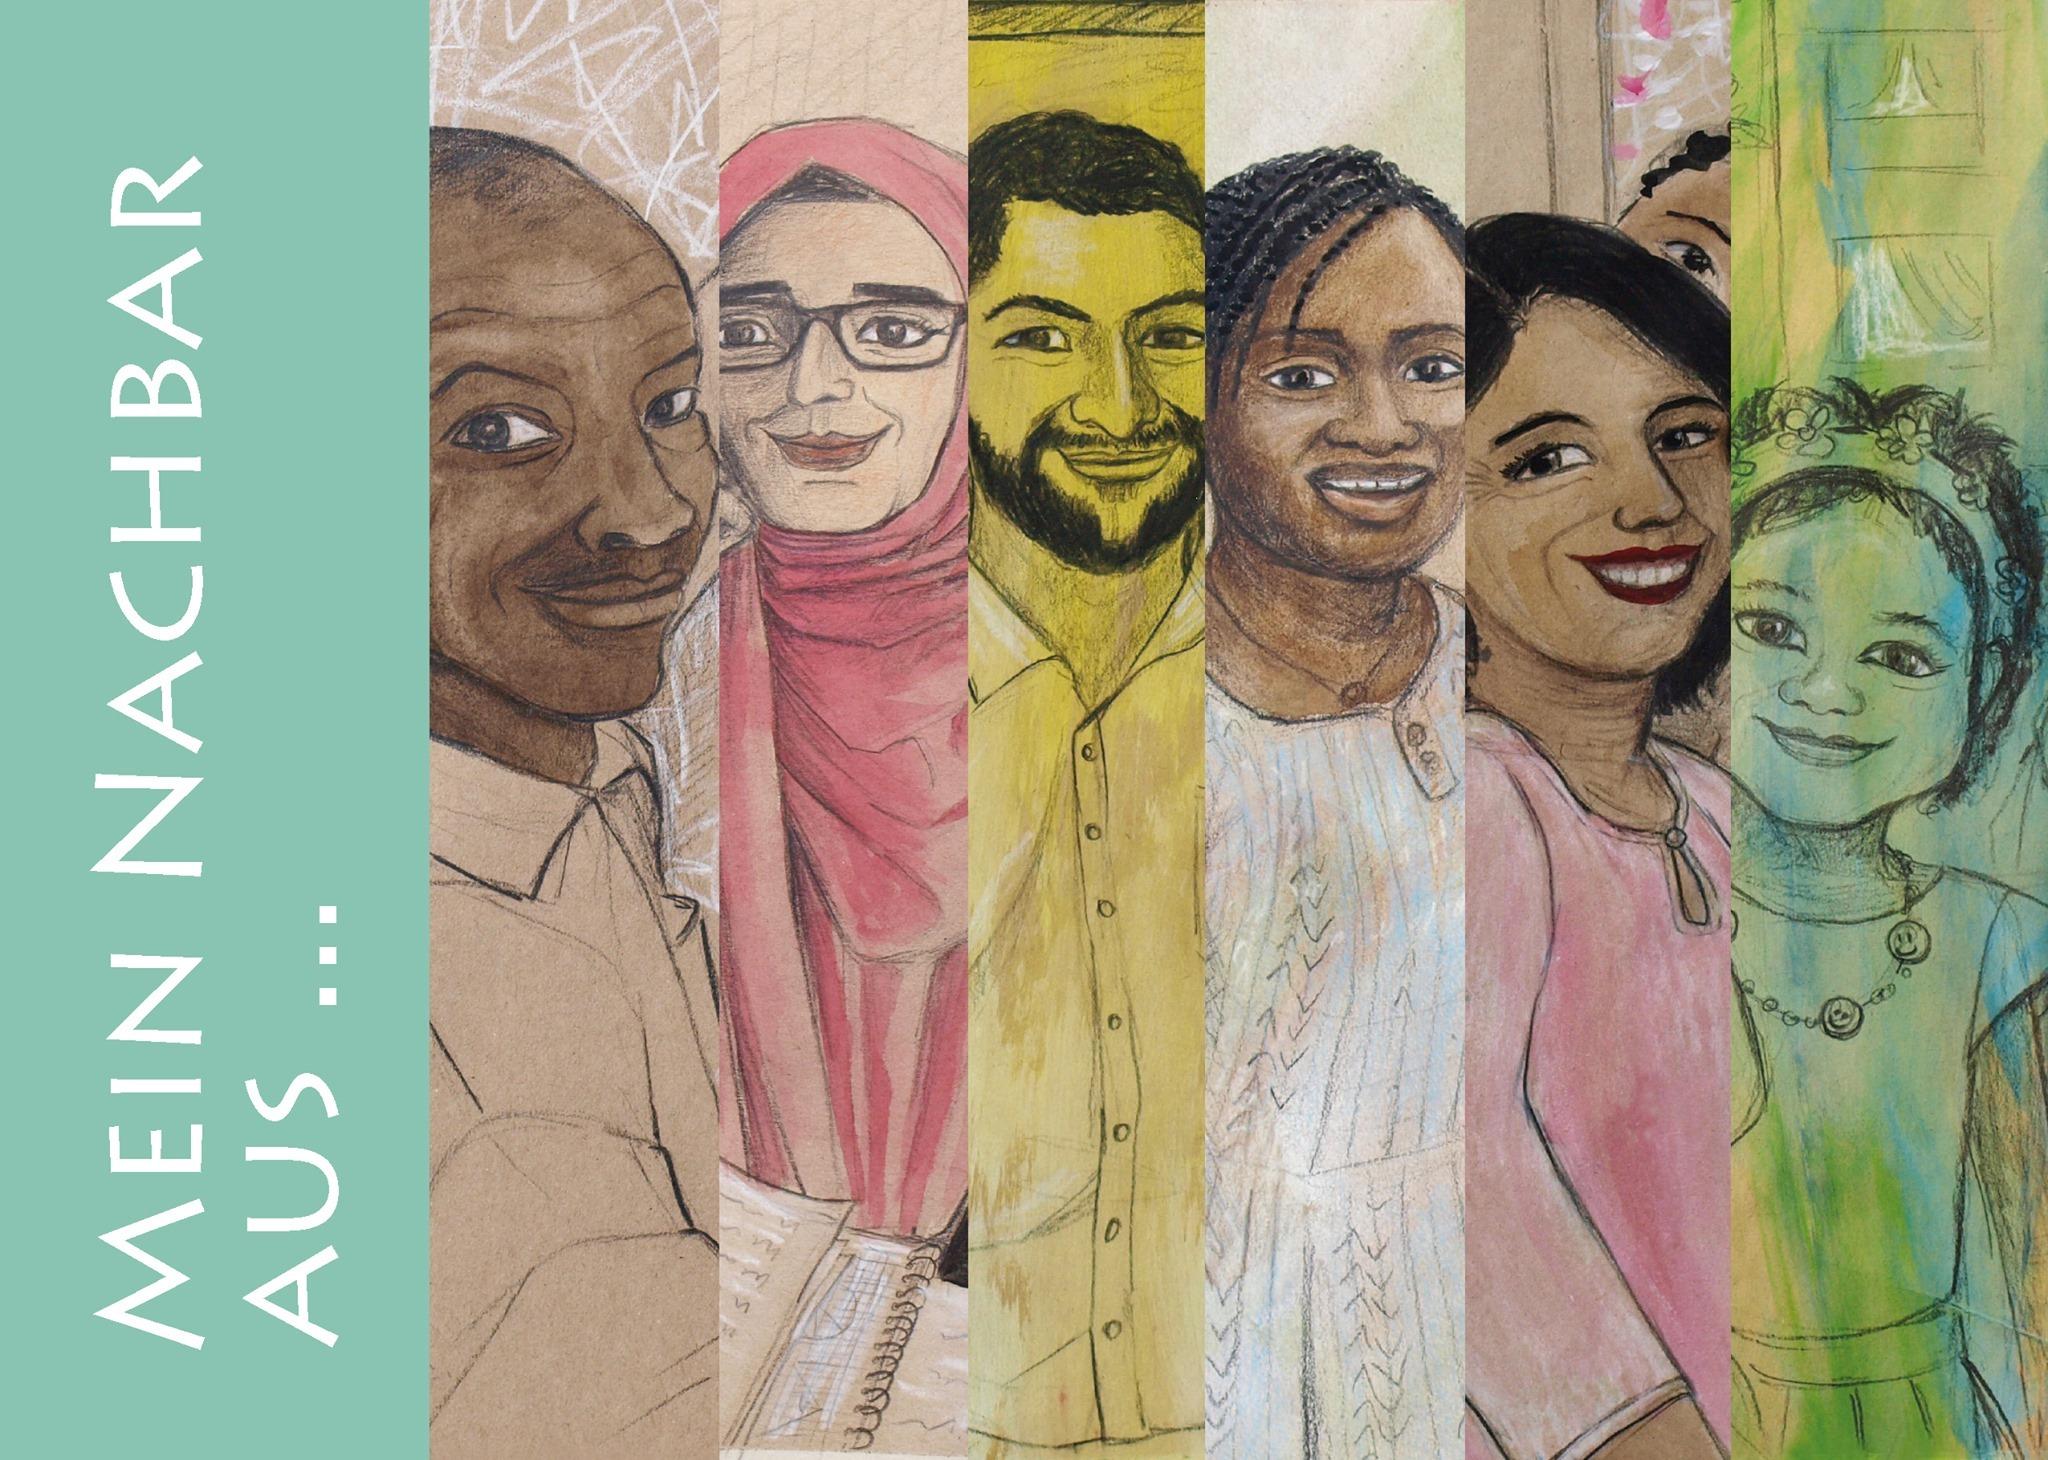 Das Ausstellungsplakat zeigt Menschen unterschiedlichen Alters, unterschiedlicher Hautfarbe und unterschiedlichen Geschlechts.